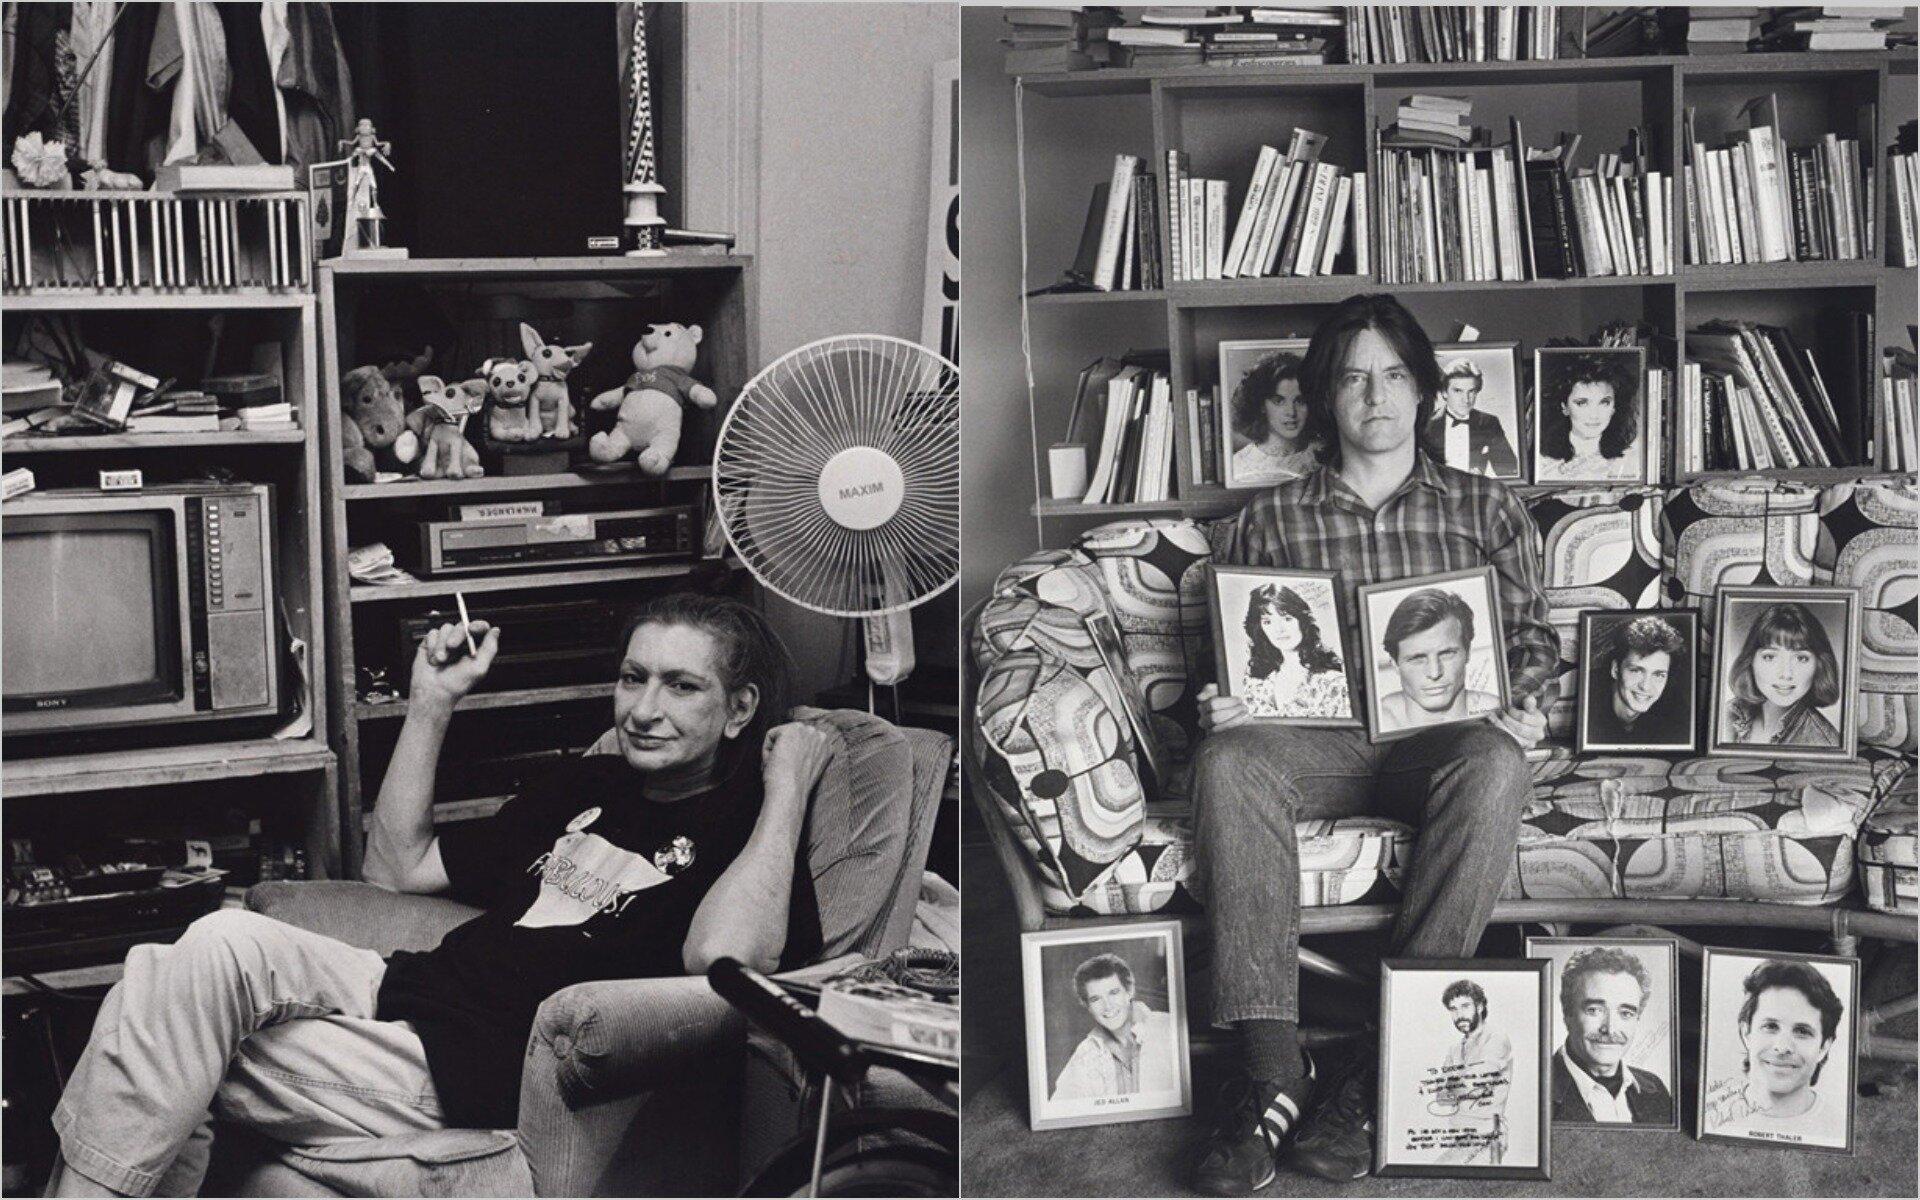 Особливі портрети: 10 знімків квір-людей Роберта Джарда